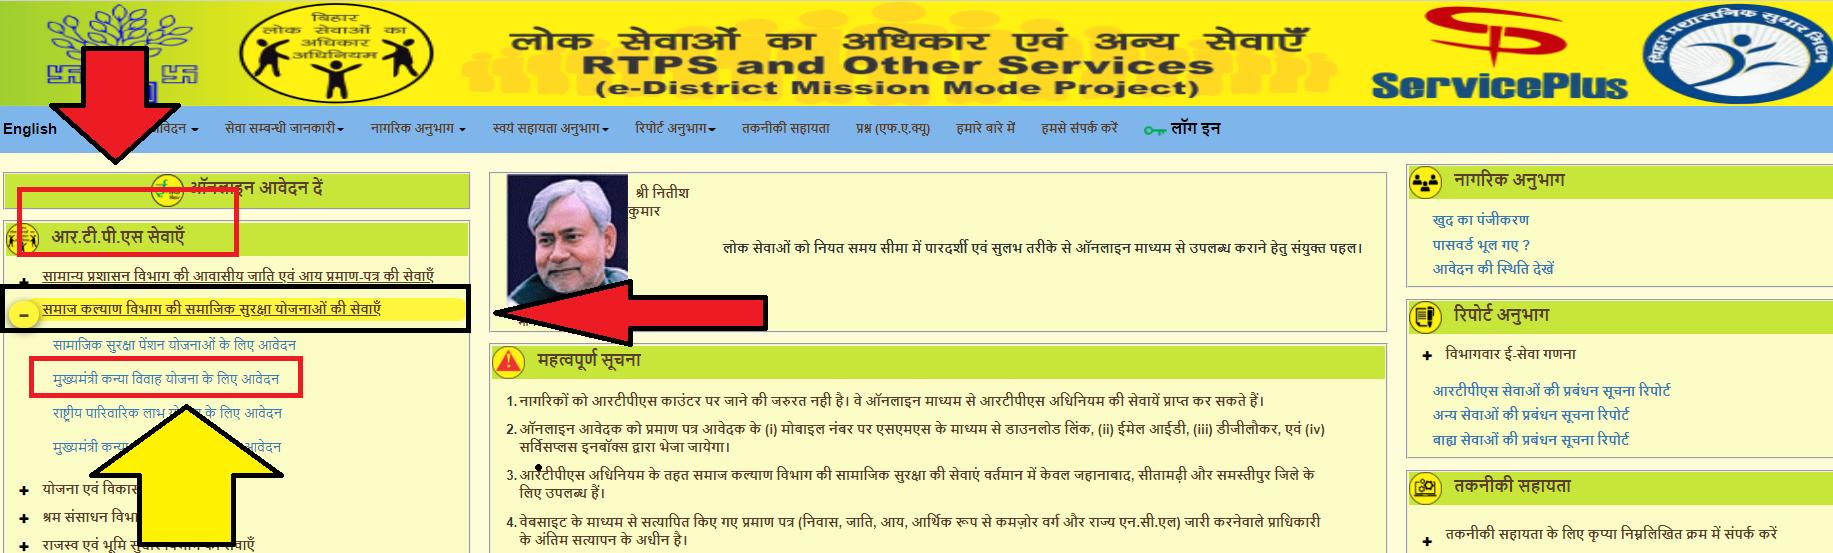 ऑनलाइन-आवेदन-कन्या-विवाह-योजना-बिहार